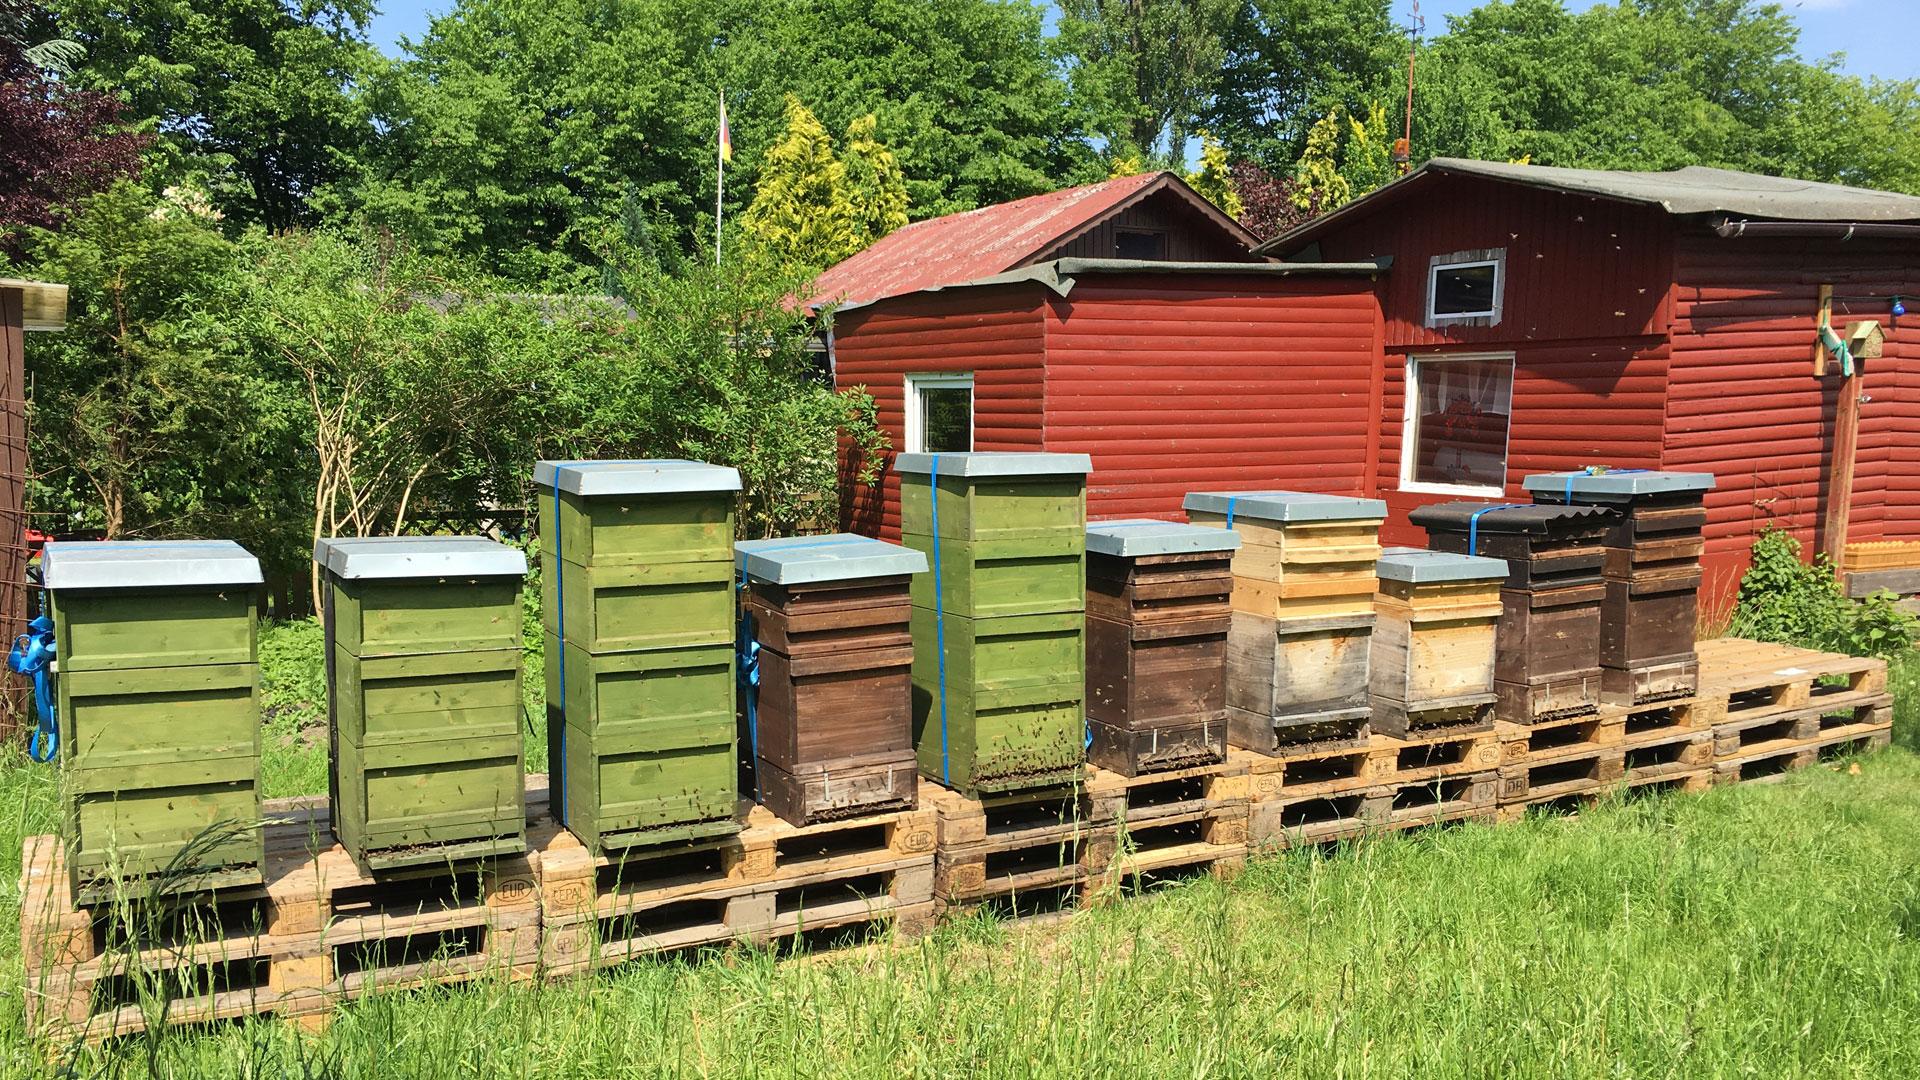 In einem Kleingarten stehen zahlreiche Kisten voller Bienenvölker.